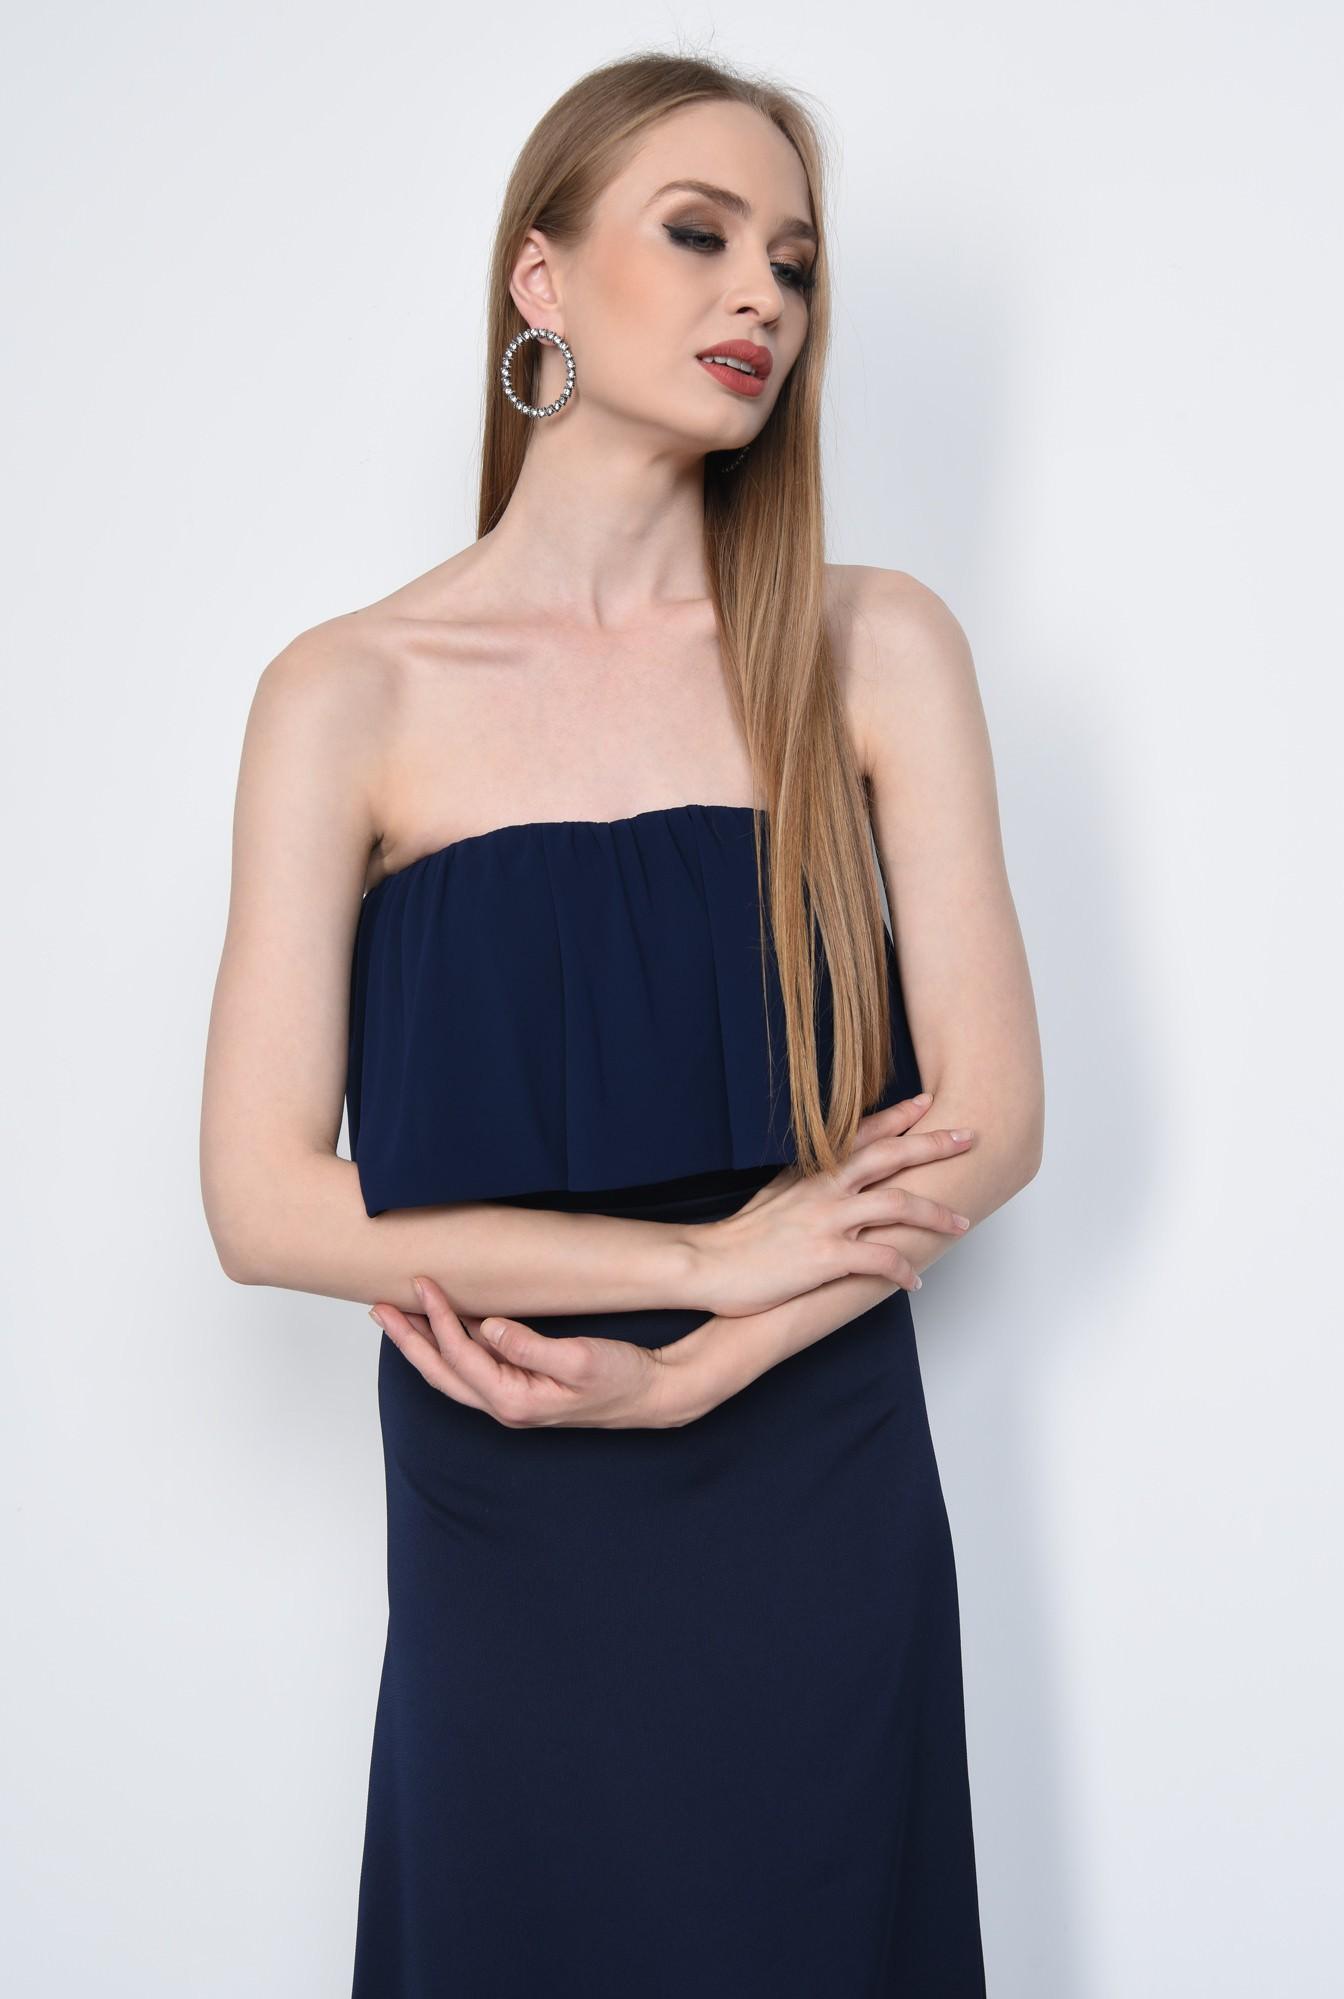 2 - Rochie eleganta lunga, bleumarin